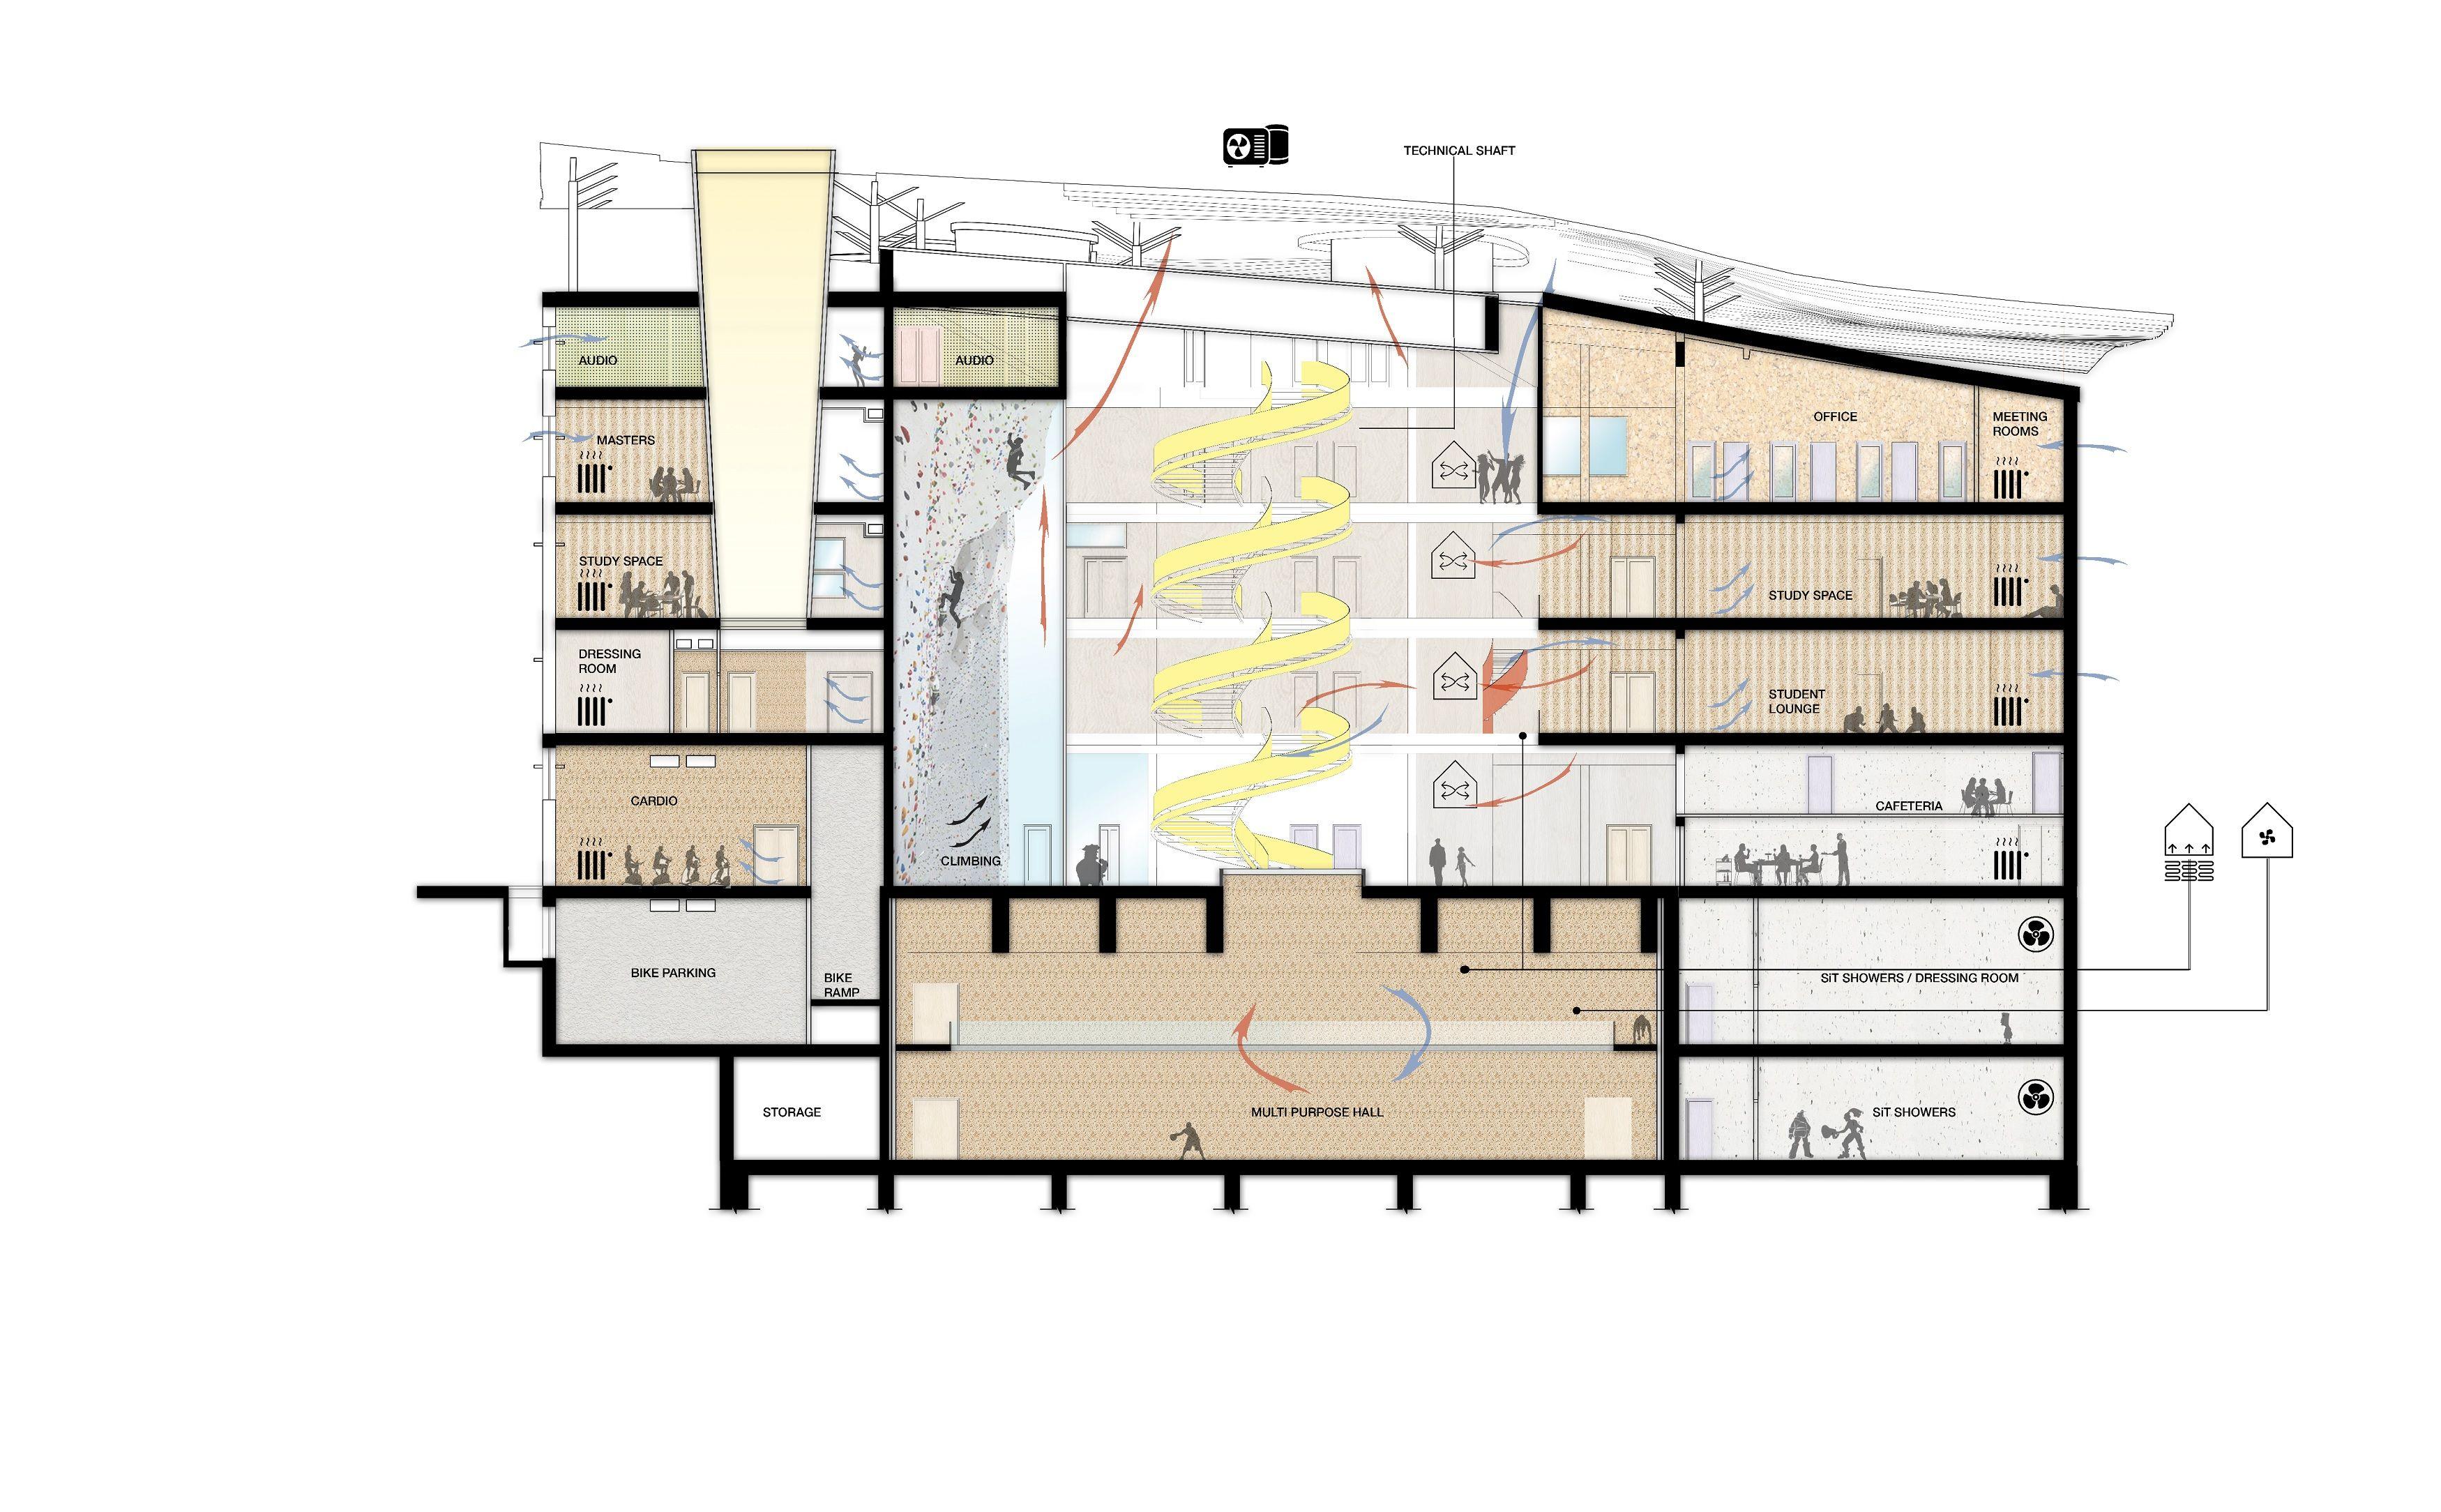 Architectural Diagrammatic Section Pavilion Architecture Architecture Floor Plans